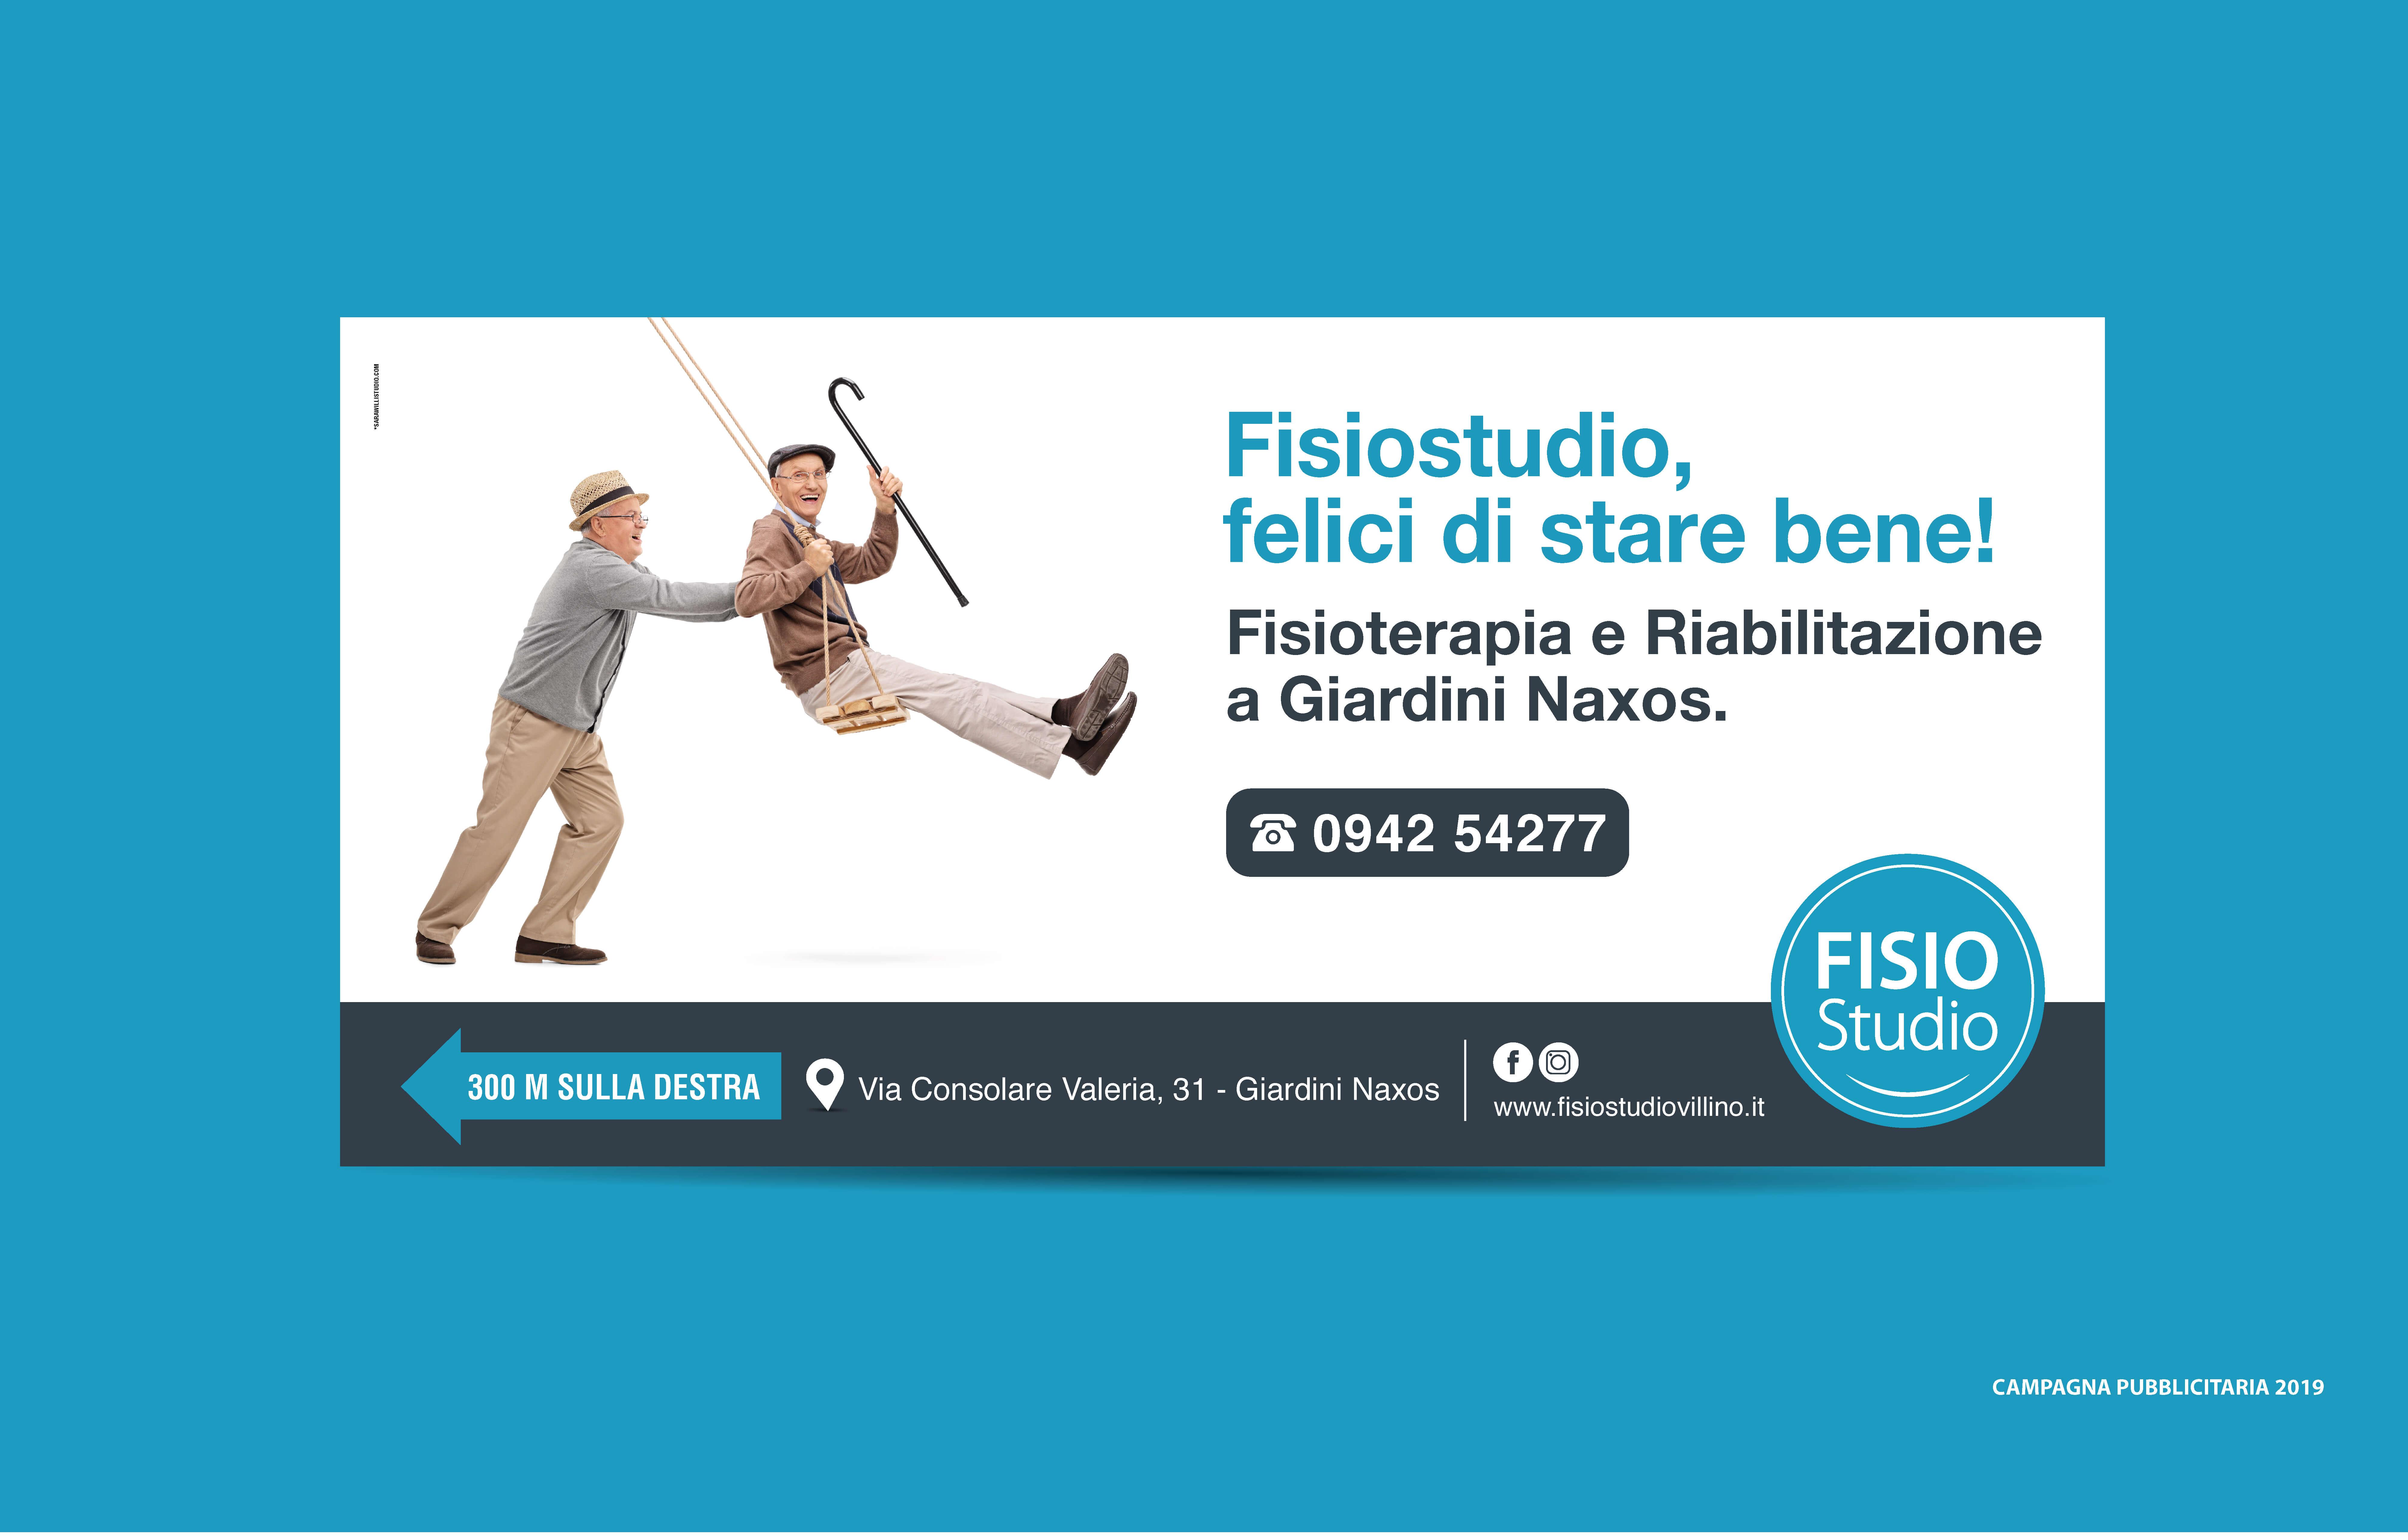 fiostudio-01-02